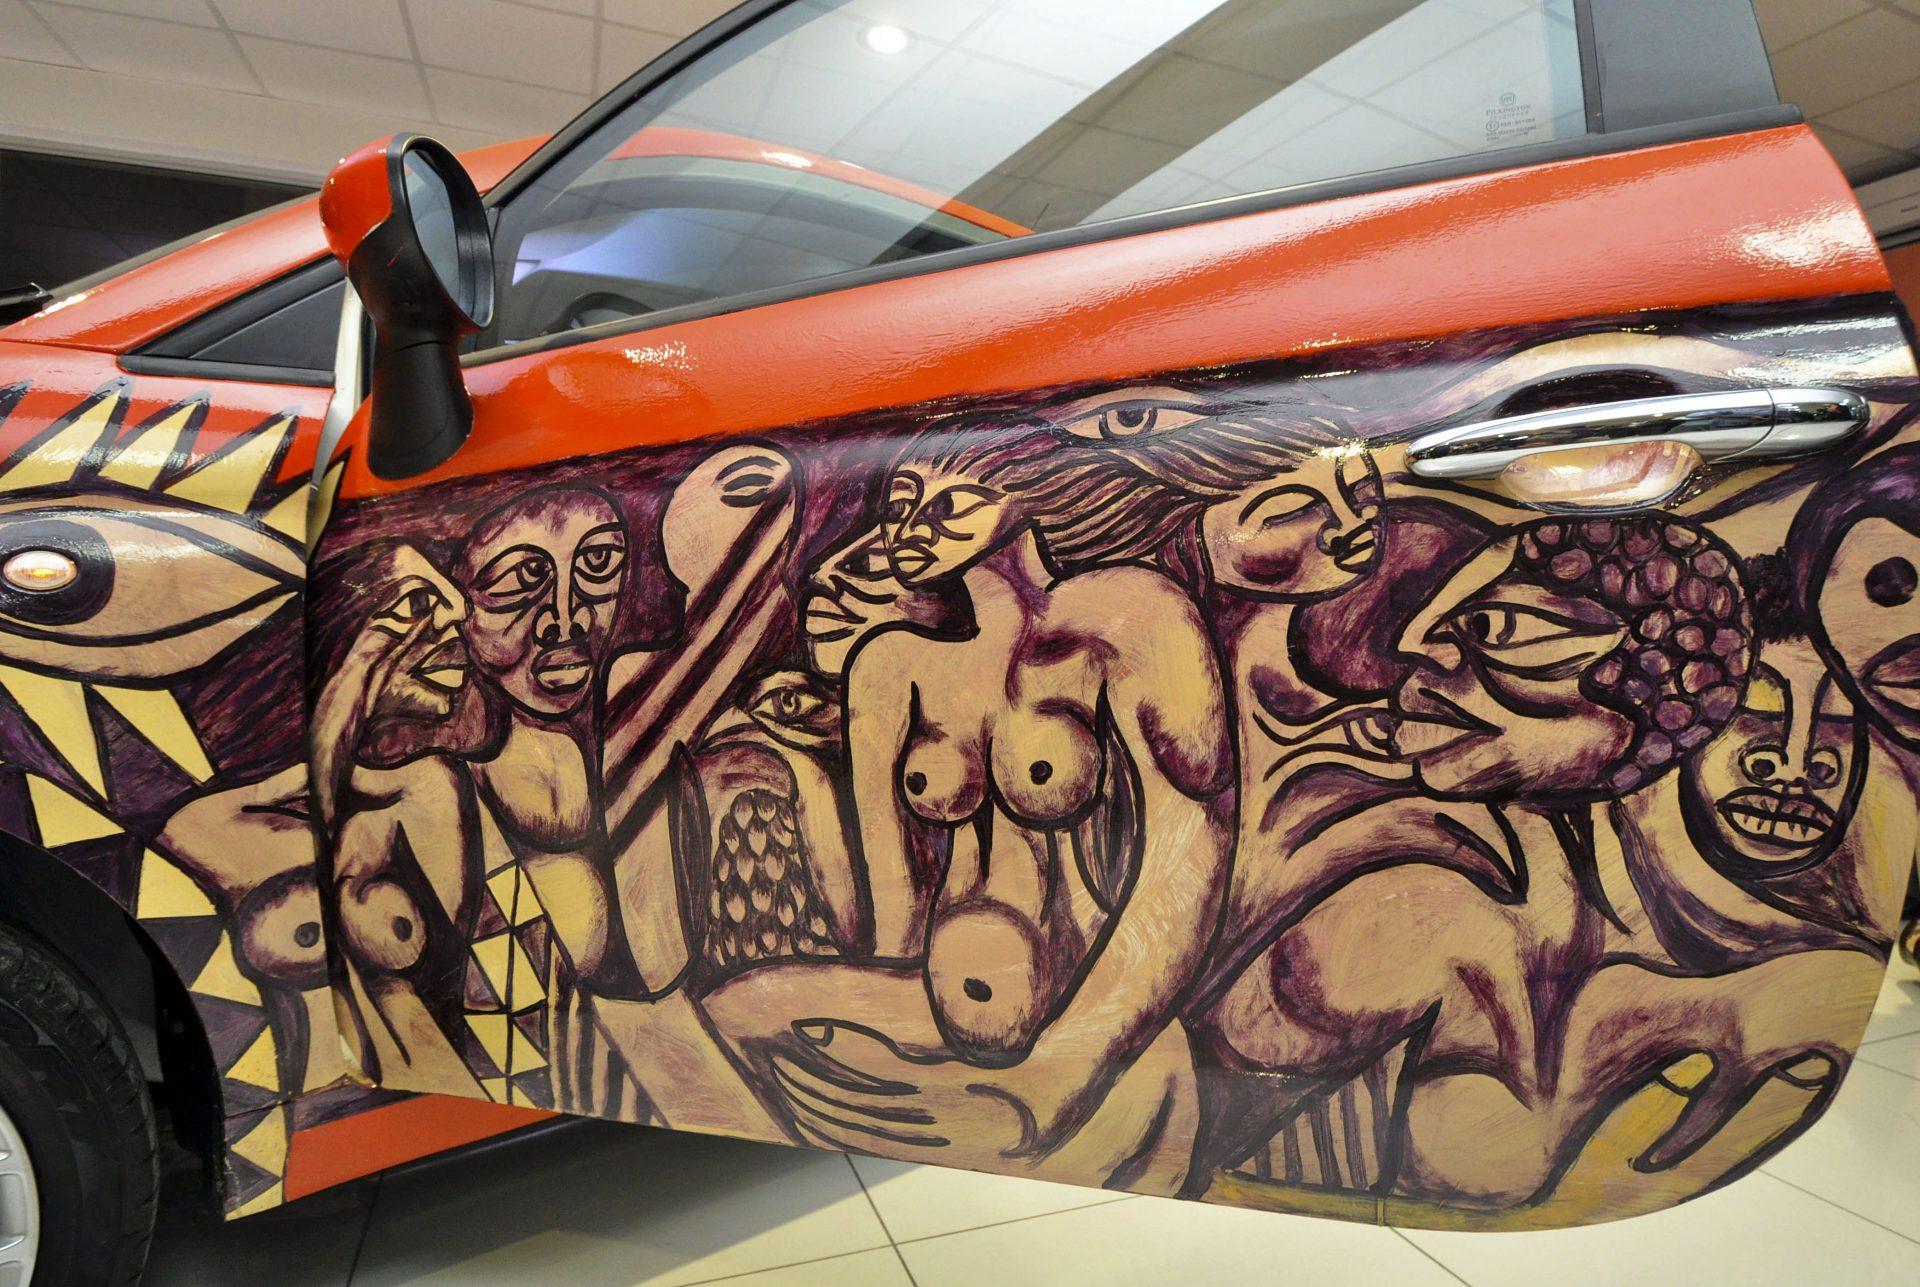 Uma pintura sobre o último modelo do Fiat 500, retratando a mulher nas comunidades moçambicanas, foi a última obra do falecido artista Malangatana e apresentada em Maputo para leilão, a favor da fundação deixada pelo pintor, 5 abril 2011, Maputo. ANTONIO SILVA/LUSA